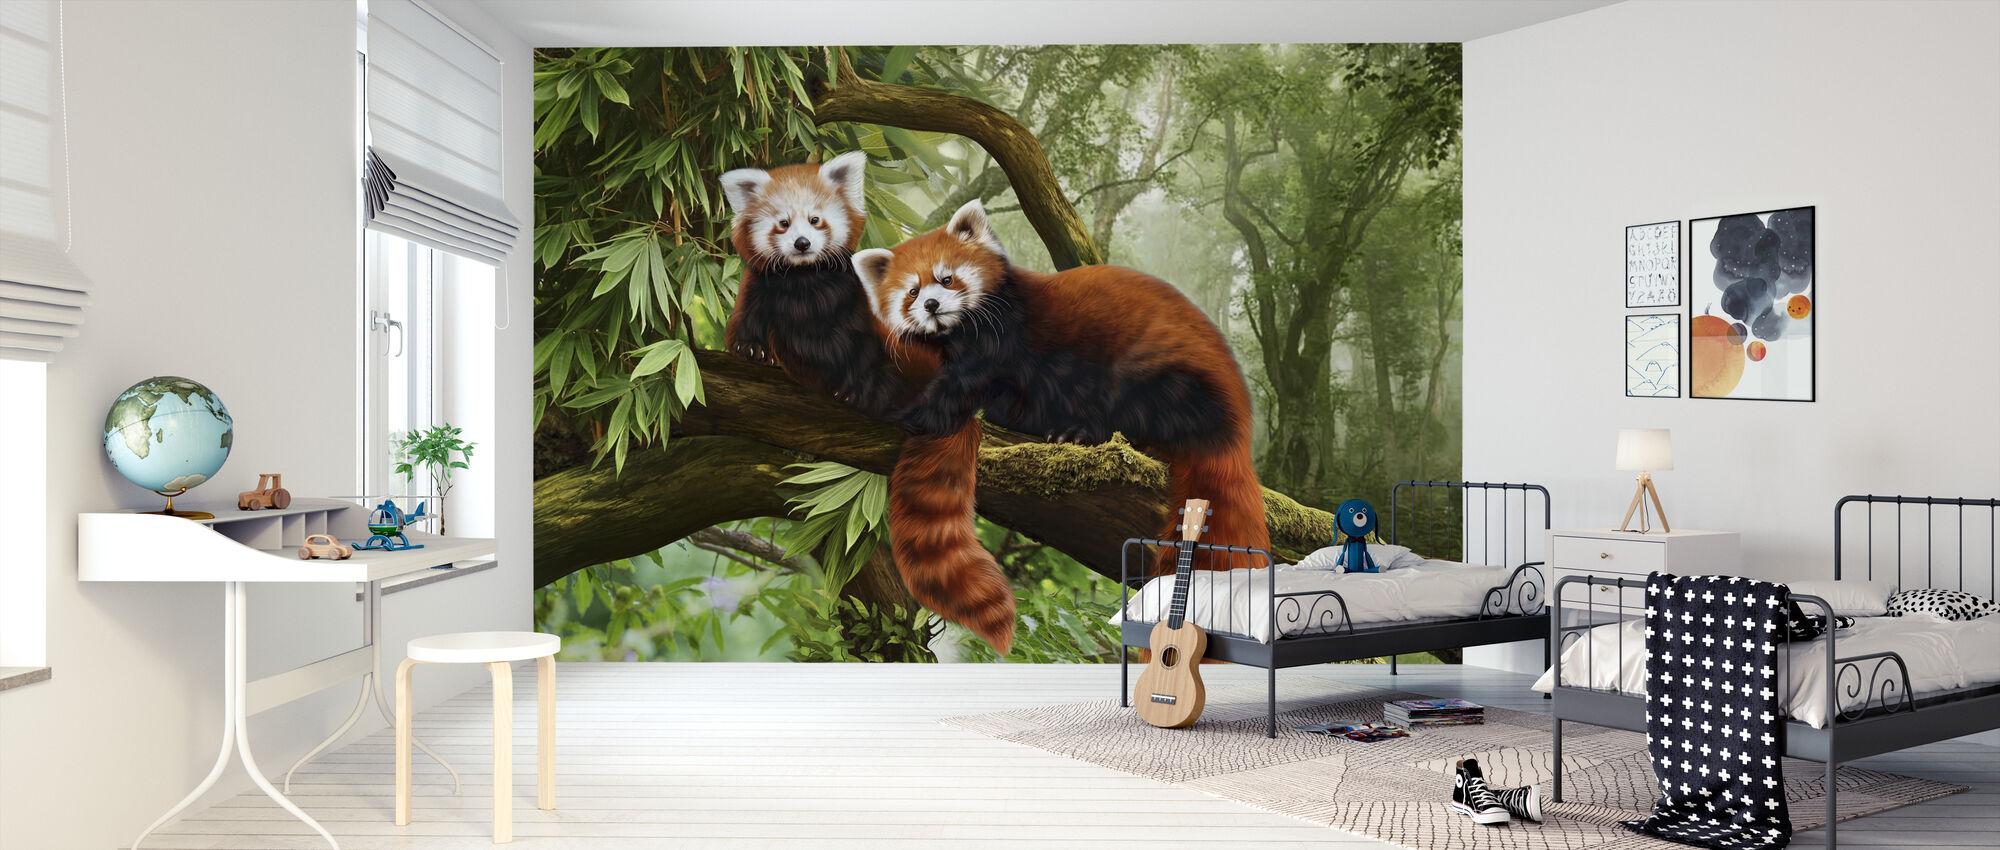 Red Pandas - Wallpaper - Kids Room